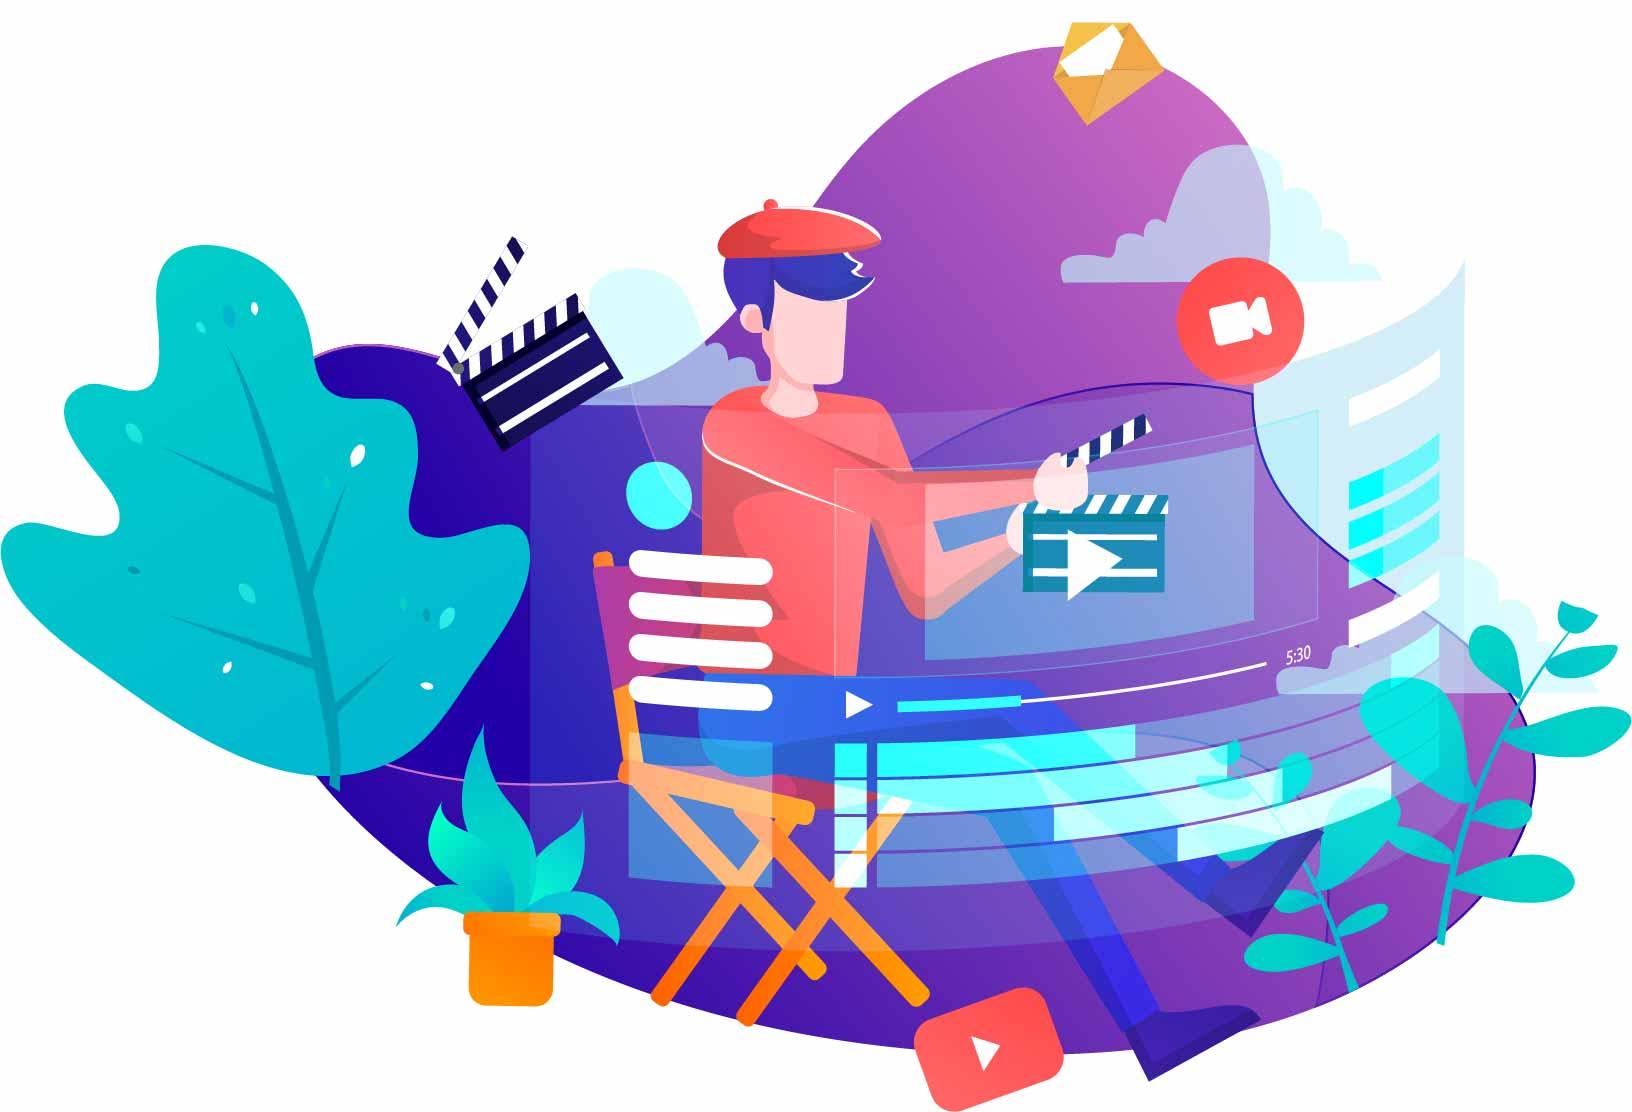 Cena filmów korporacyjnych